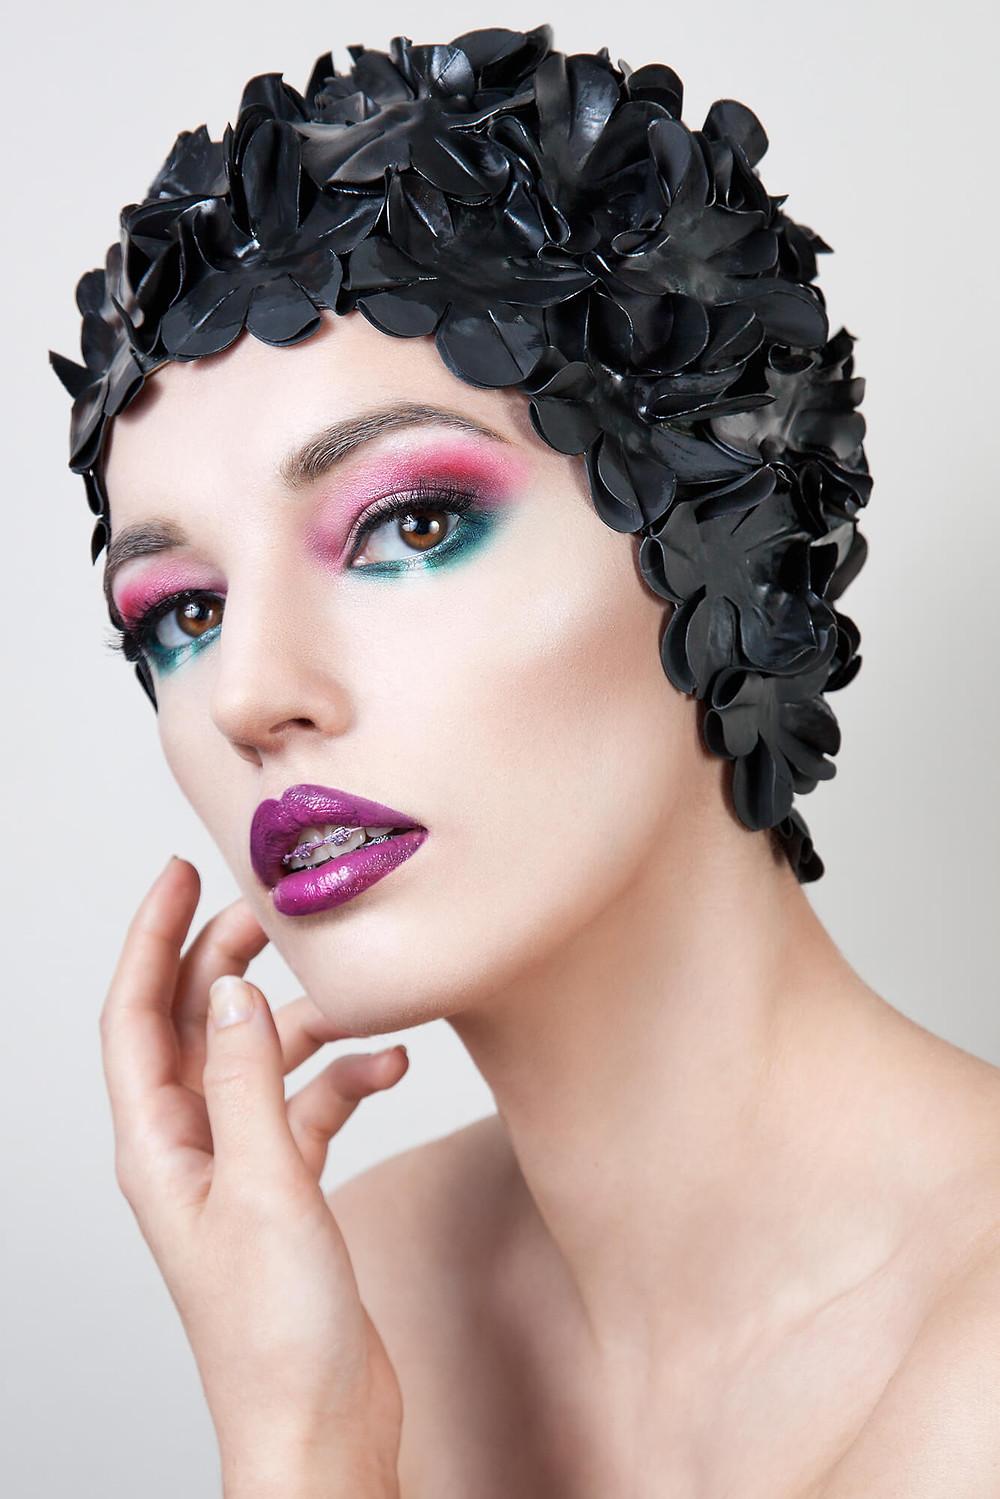 Oryginalna sesja beauty, kolorowy makijaż i czarny kwiecisty czepek